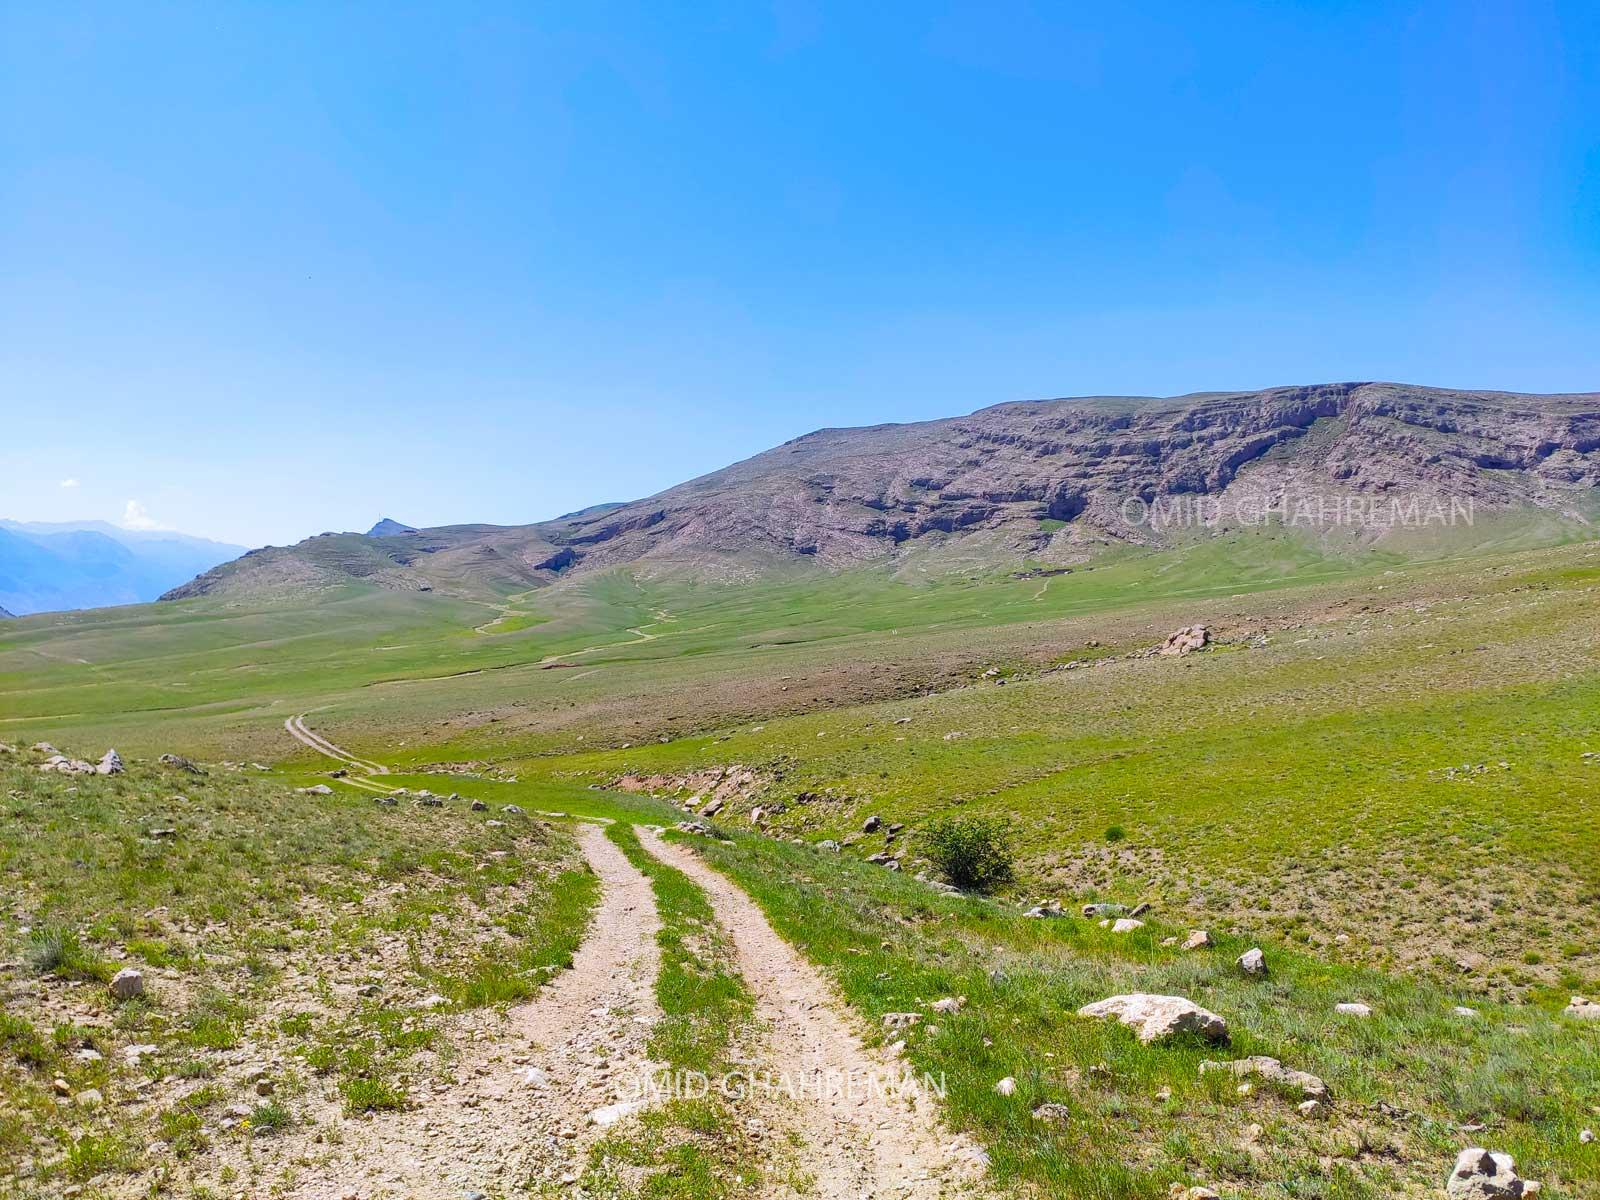 مسیر زیبای آتابه و دامنه کوه ها